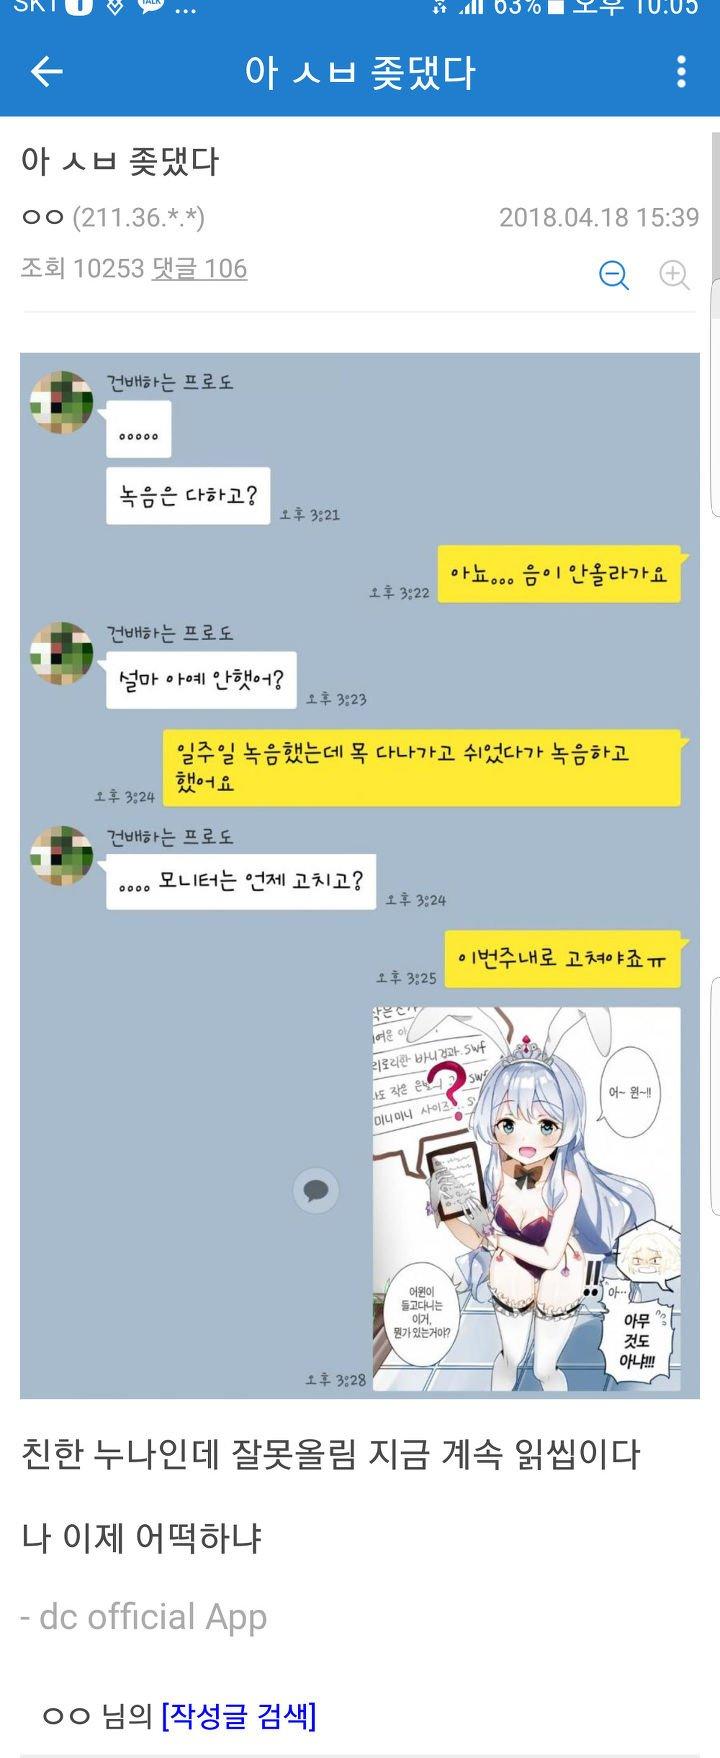 투디갤 - 극혐주의) 카톡방 대참사 모음